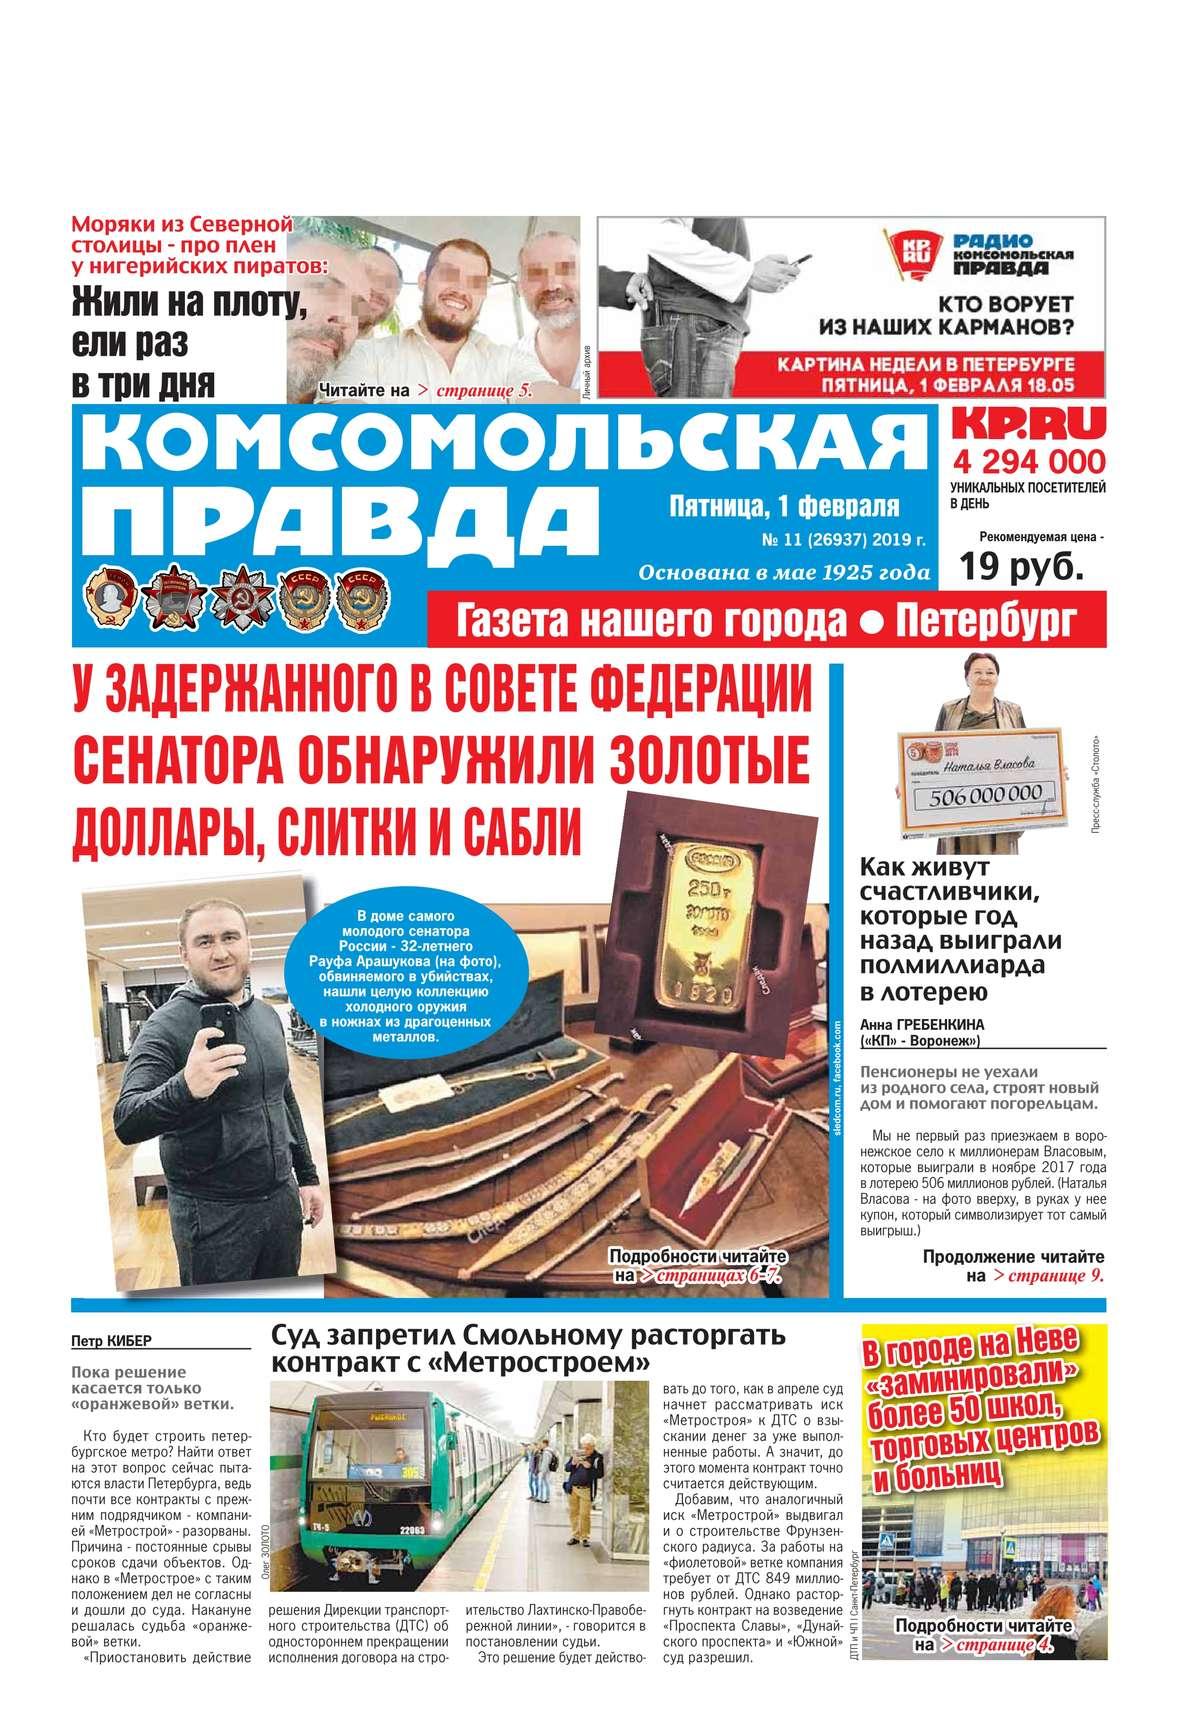 Комсомольская Правда. Санкт-Петербург 11-2019